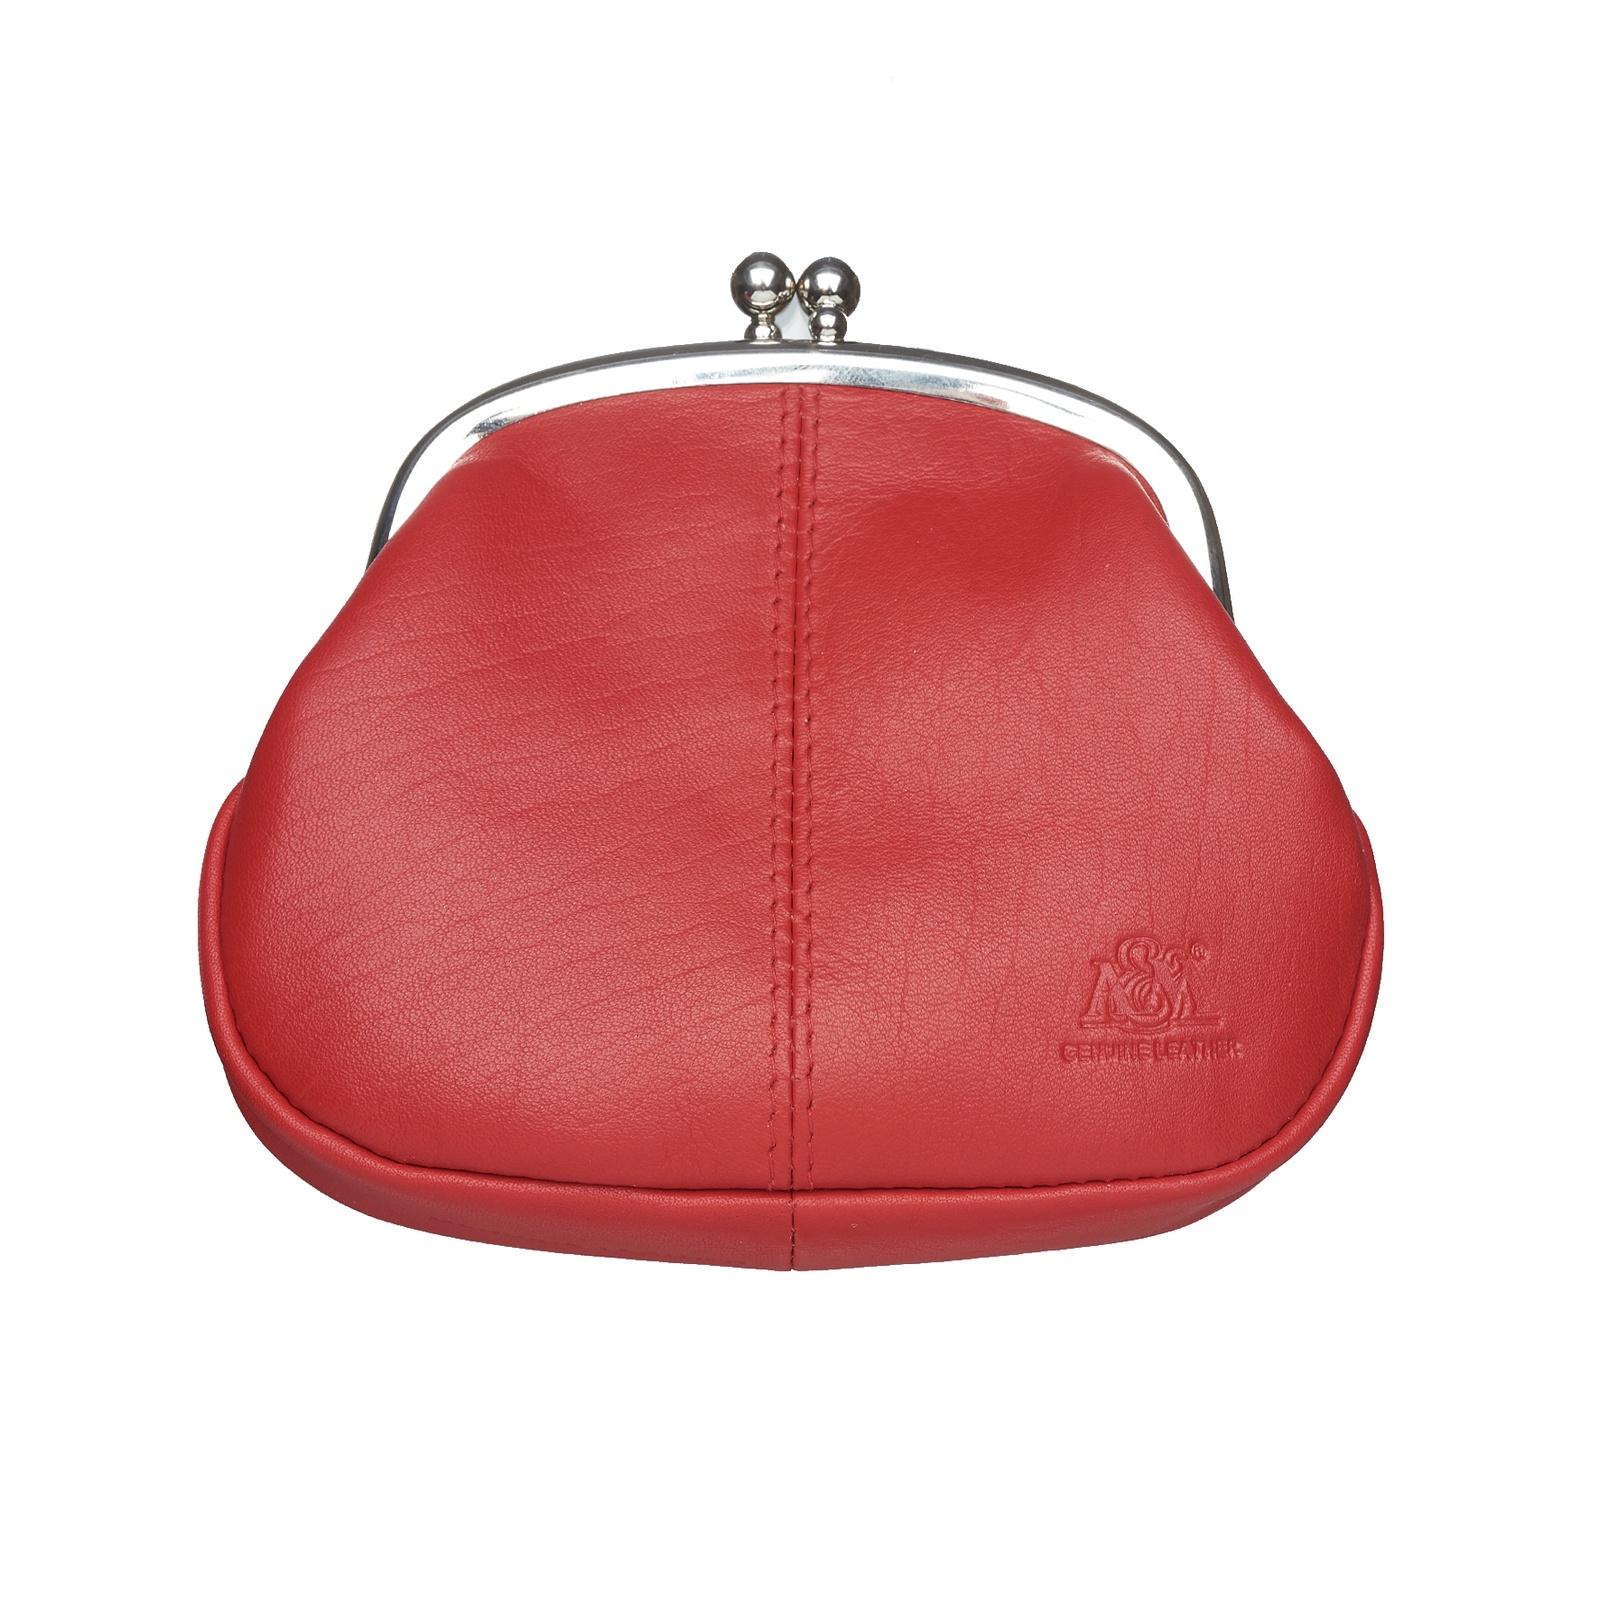 Портмоне A&M женское, 2658N.Red, красный, красный